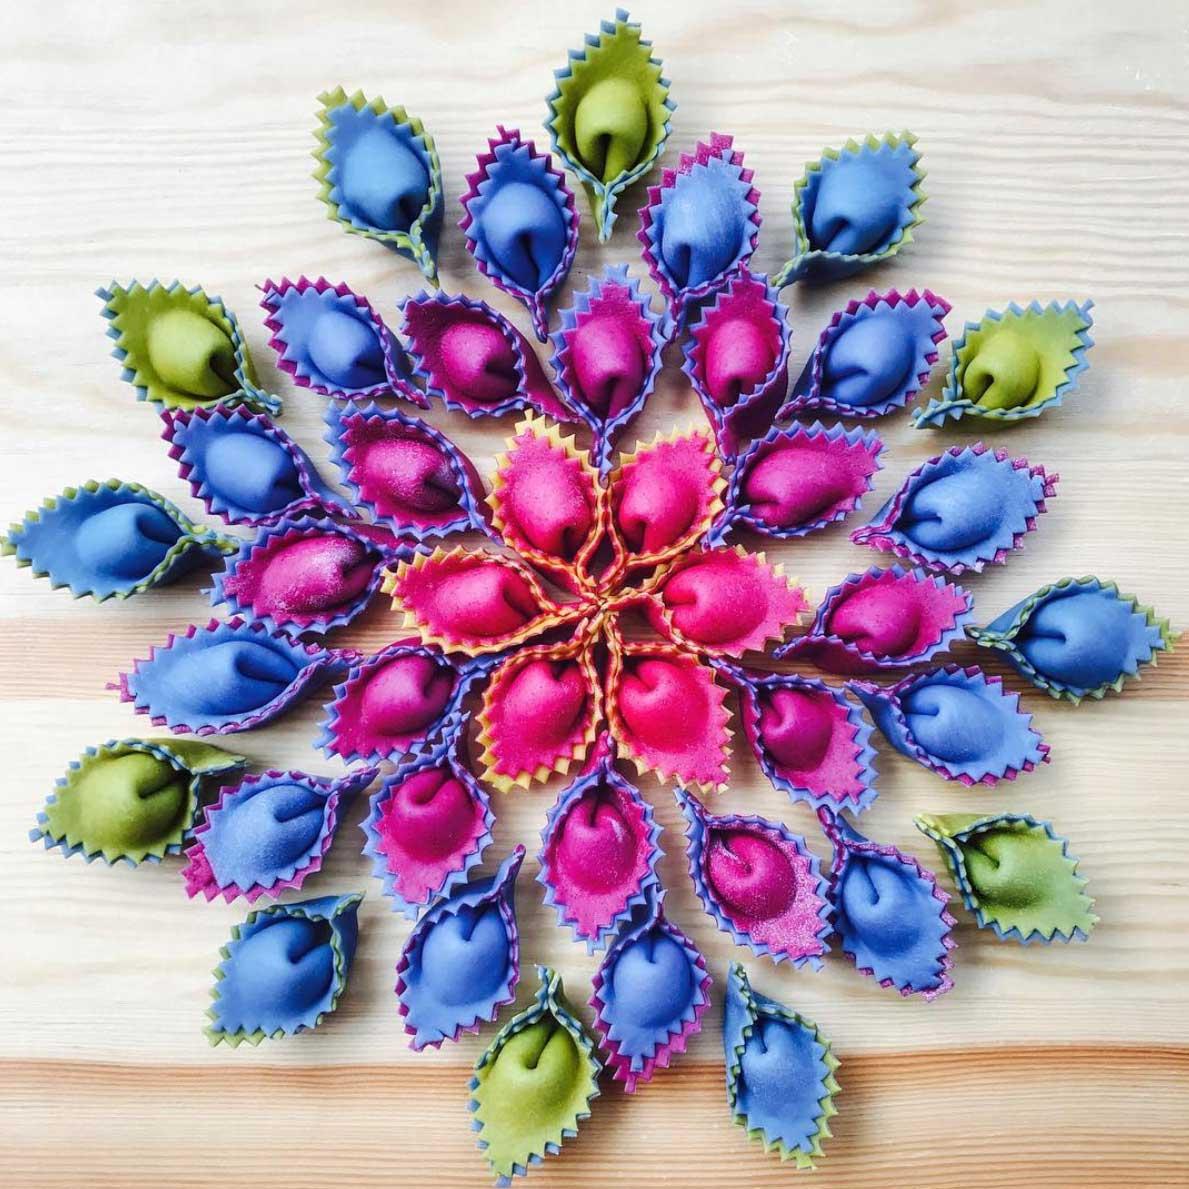 Farbenfrohe Pasta-Kunst von Linda Miller Nicholson